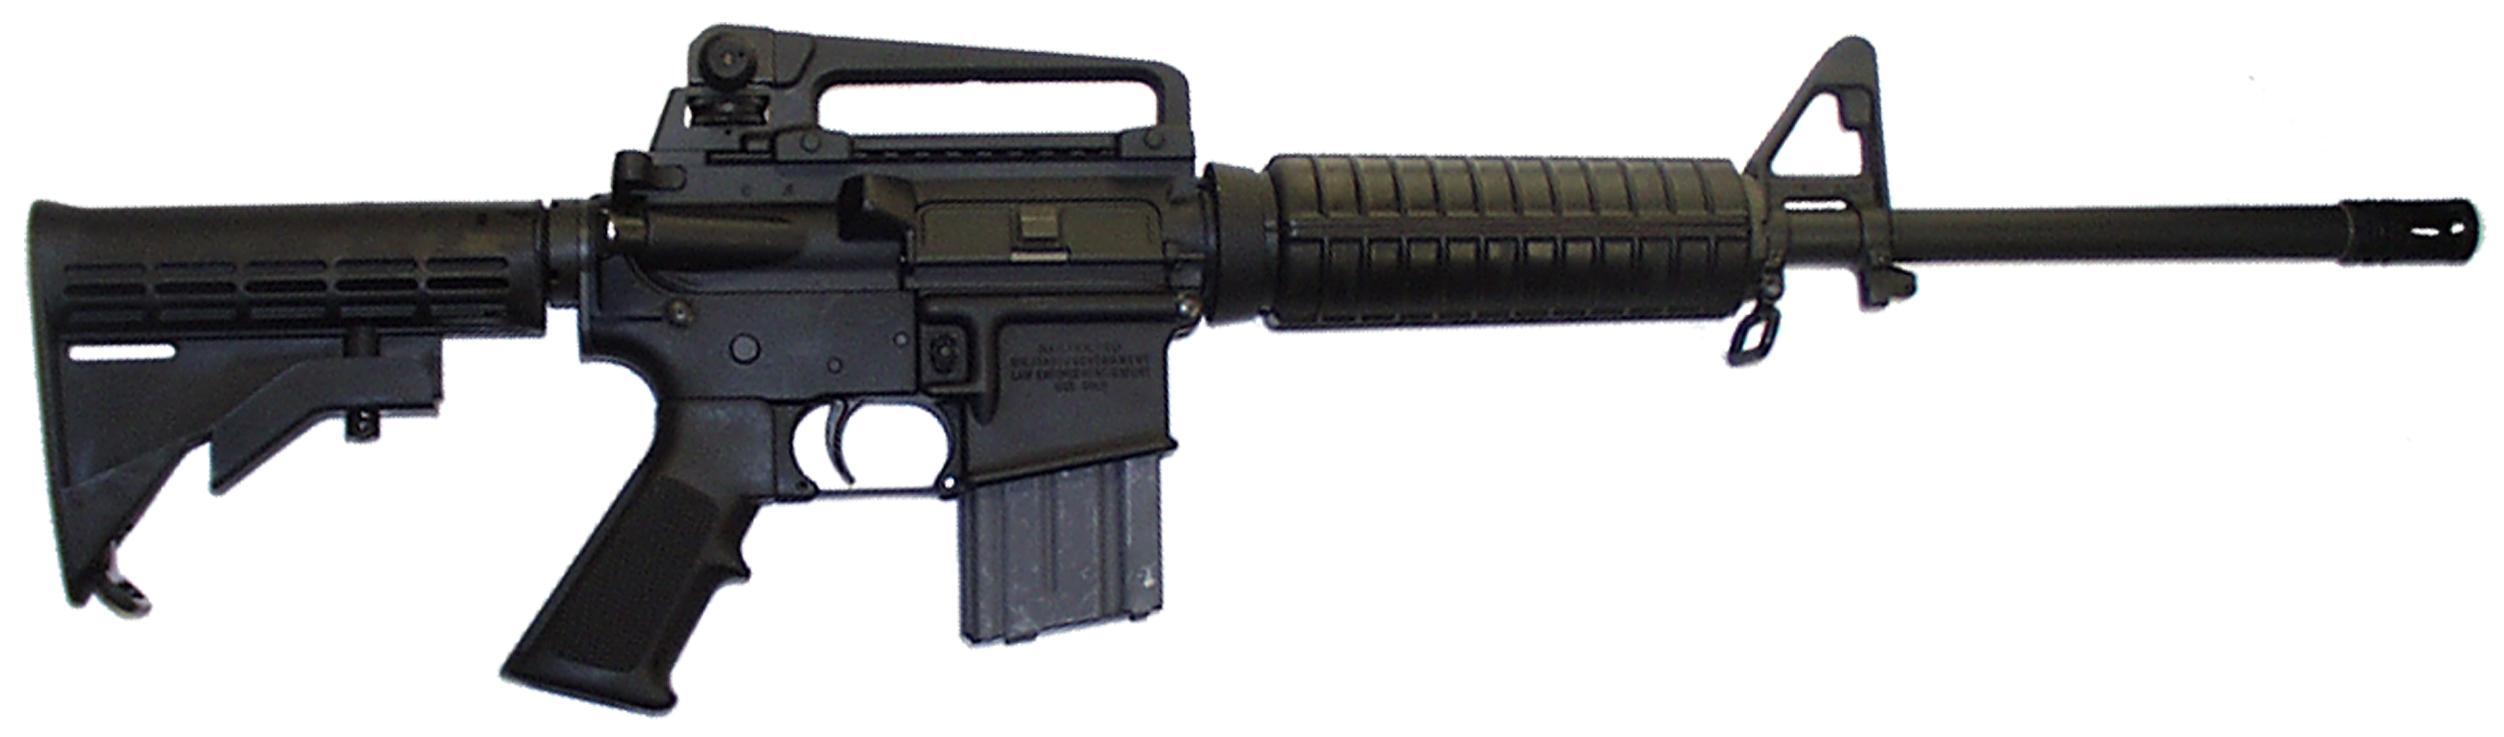 AK-47 | Guns and Design R15 Arma